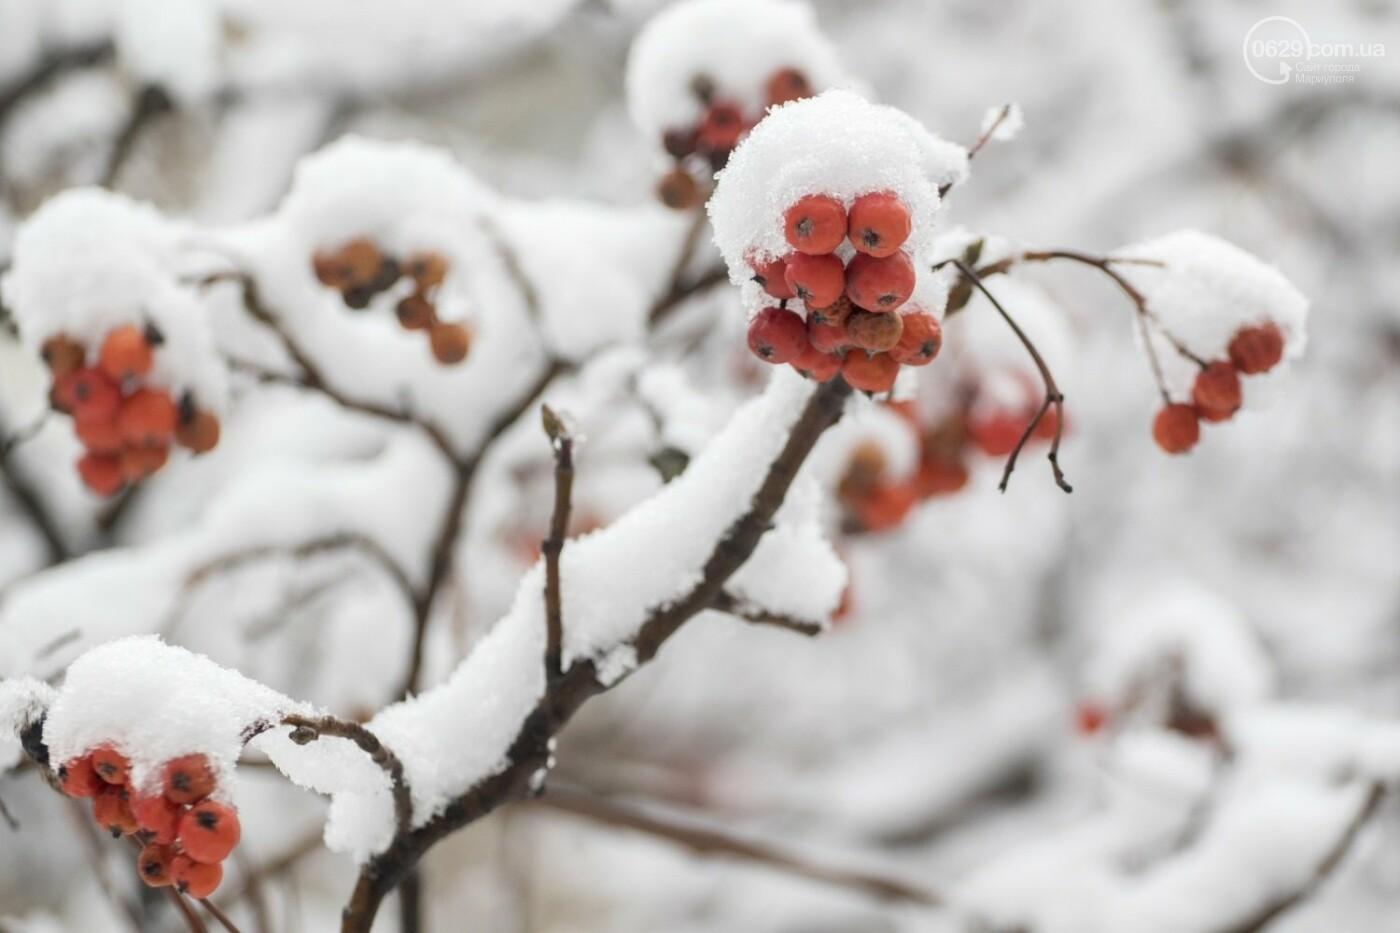 38 фотографий, одна ворона и одна синица... ФОТОРЕПОРТАЖ для тех, кто проспал первый настоящий снег, фото-1